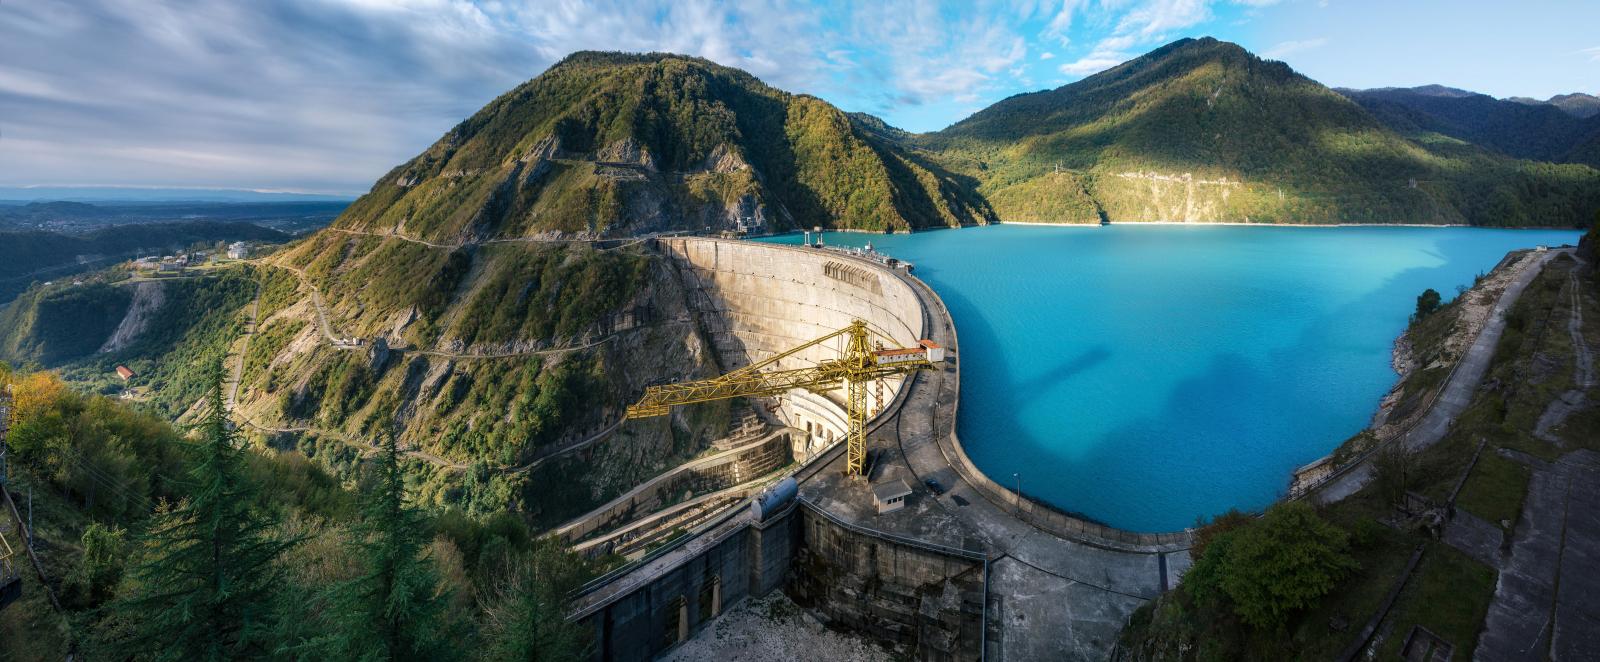 Изменения в проекте обустройства туристического центра Ингури ГЭС